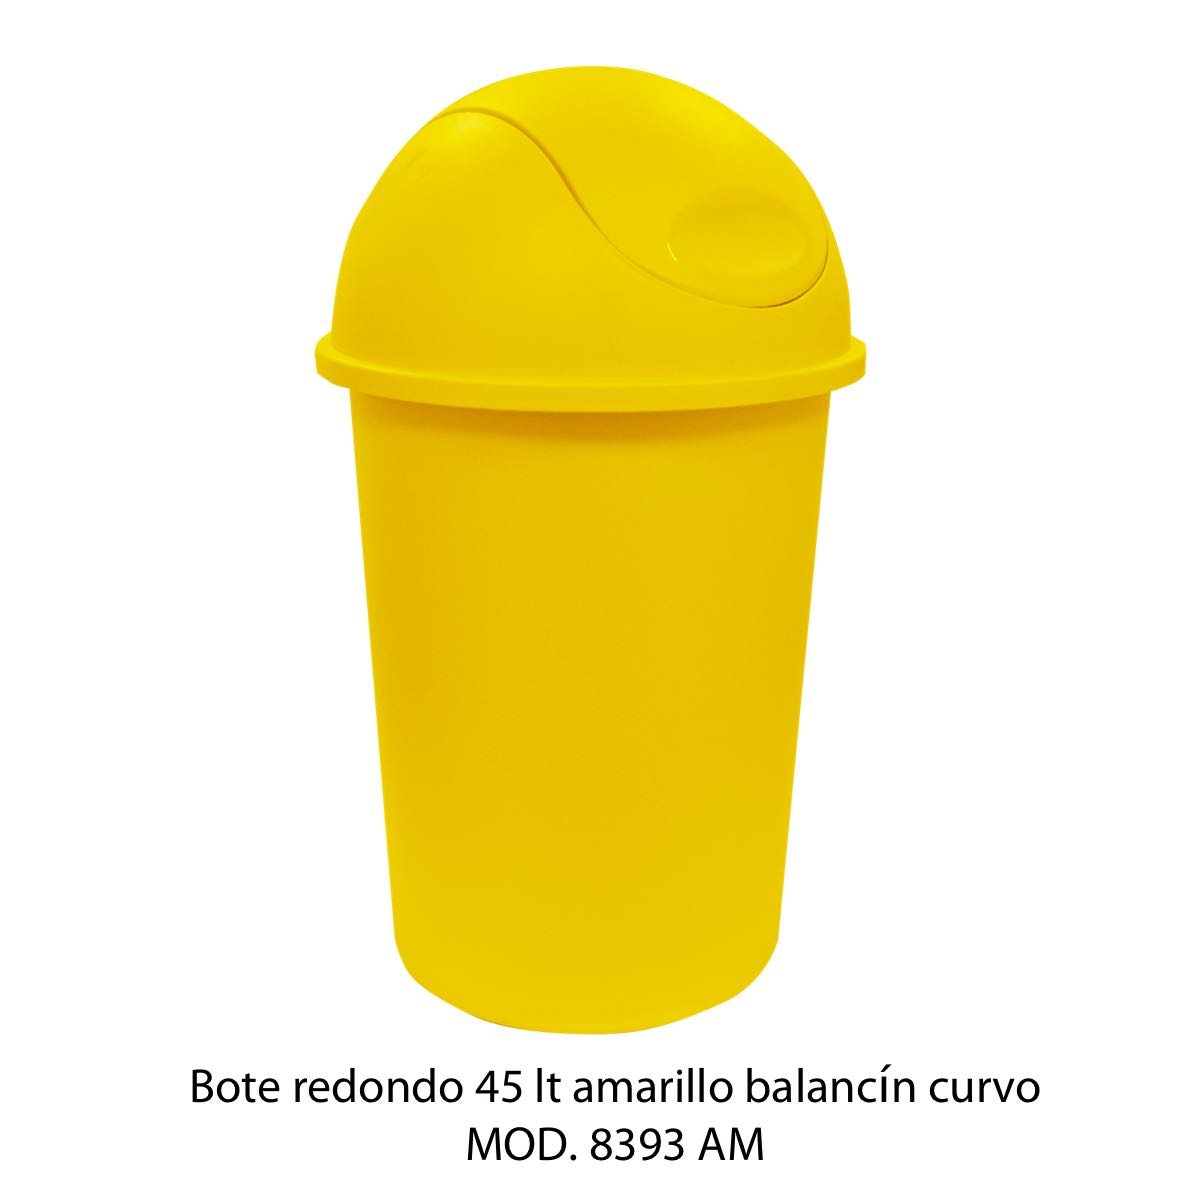 Bote de basura redondo de 45 litros con balancín curvo color amarillo modelo 8393 AM - Sablón